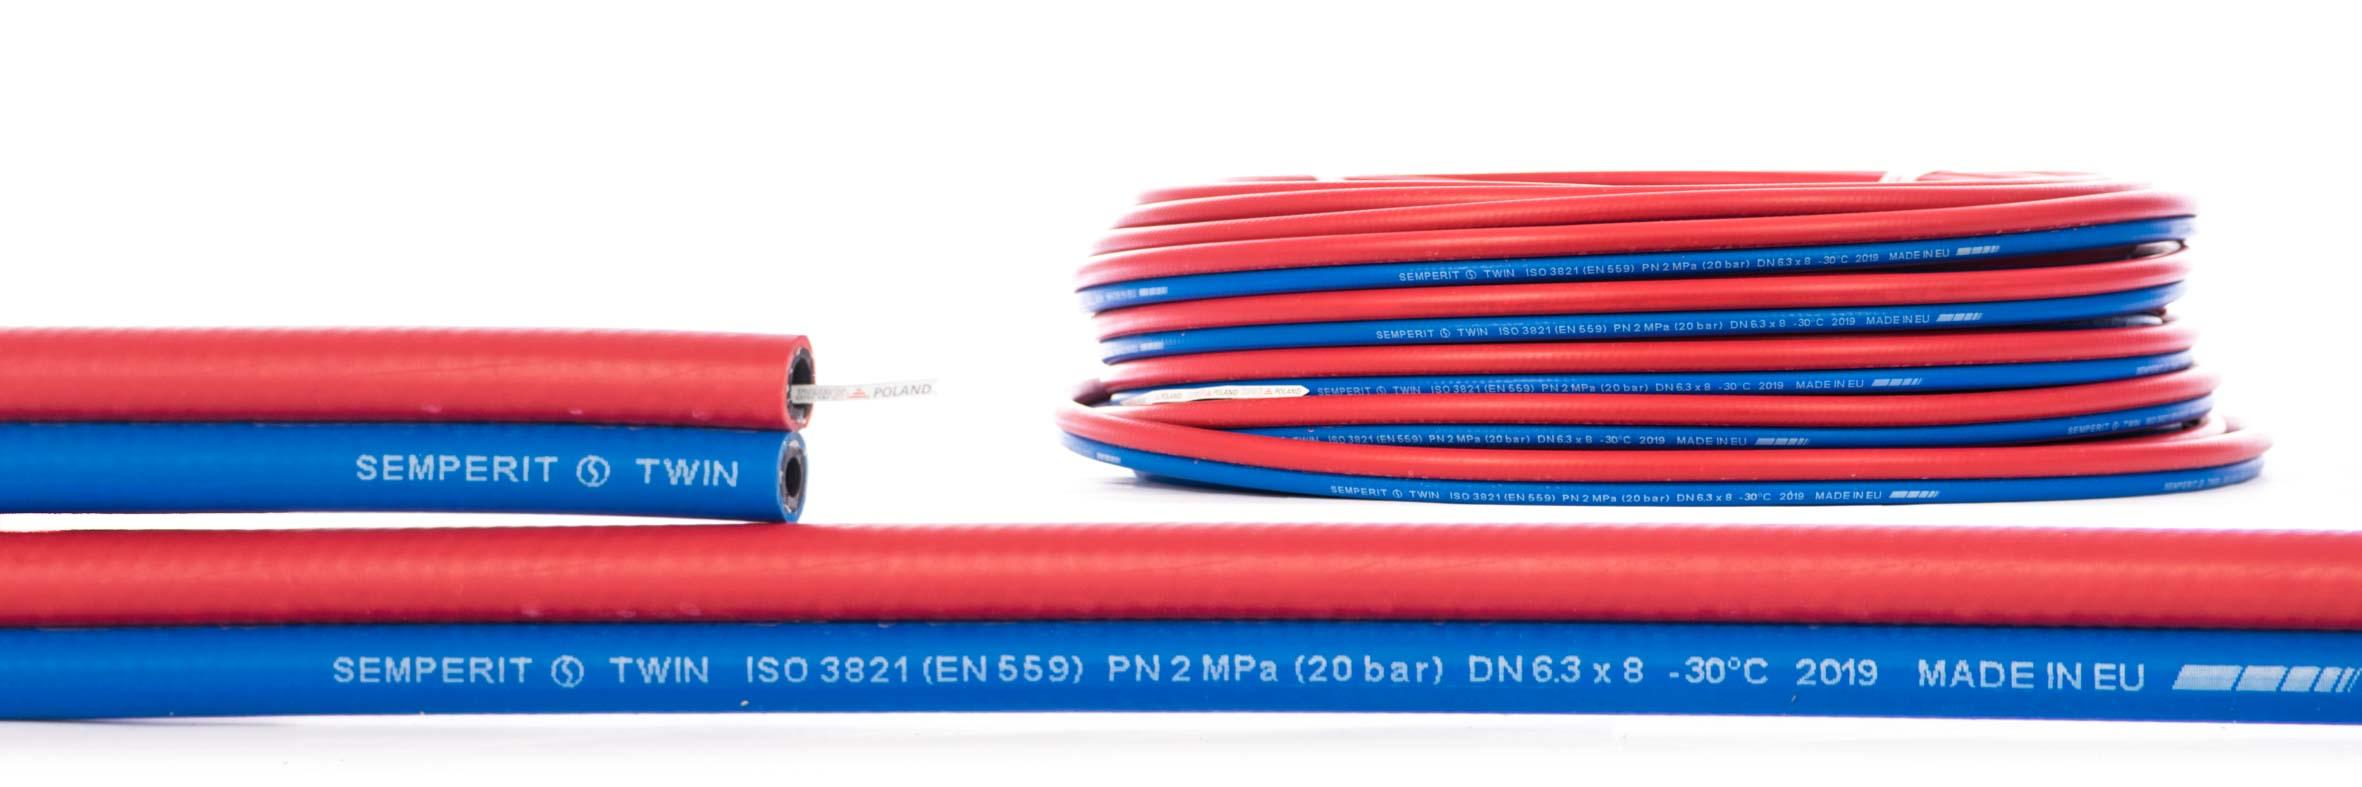 wąż przemysłowy do spawalnictwa do tlenu i acetylenu TWIN Semperit 20 bar